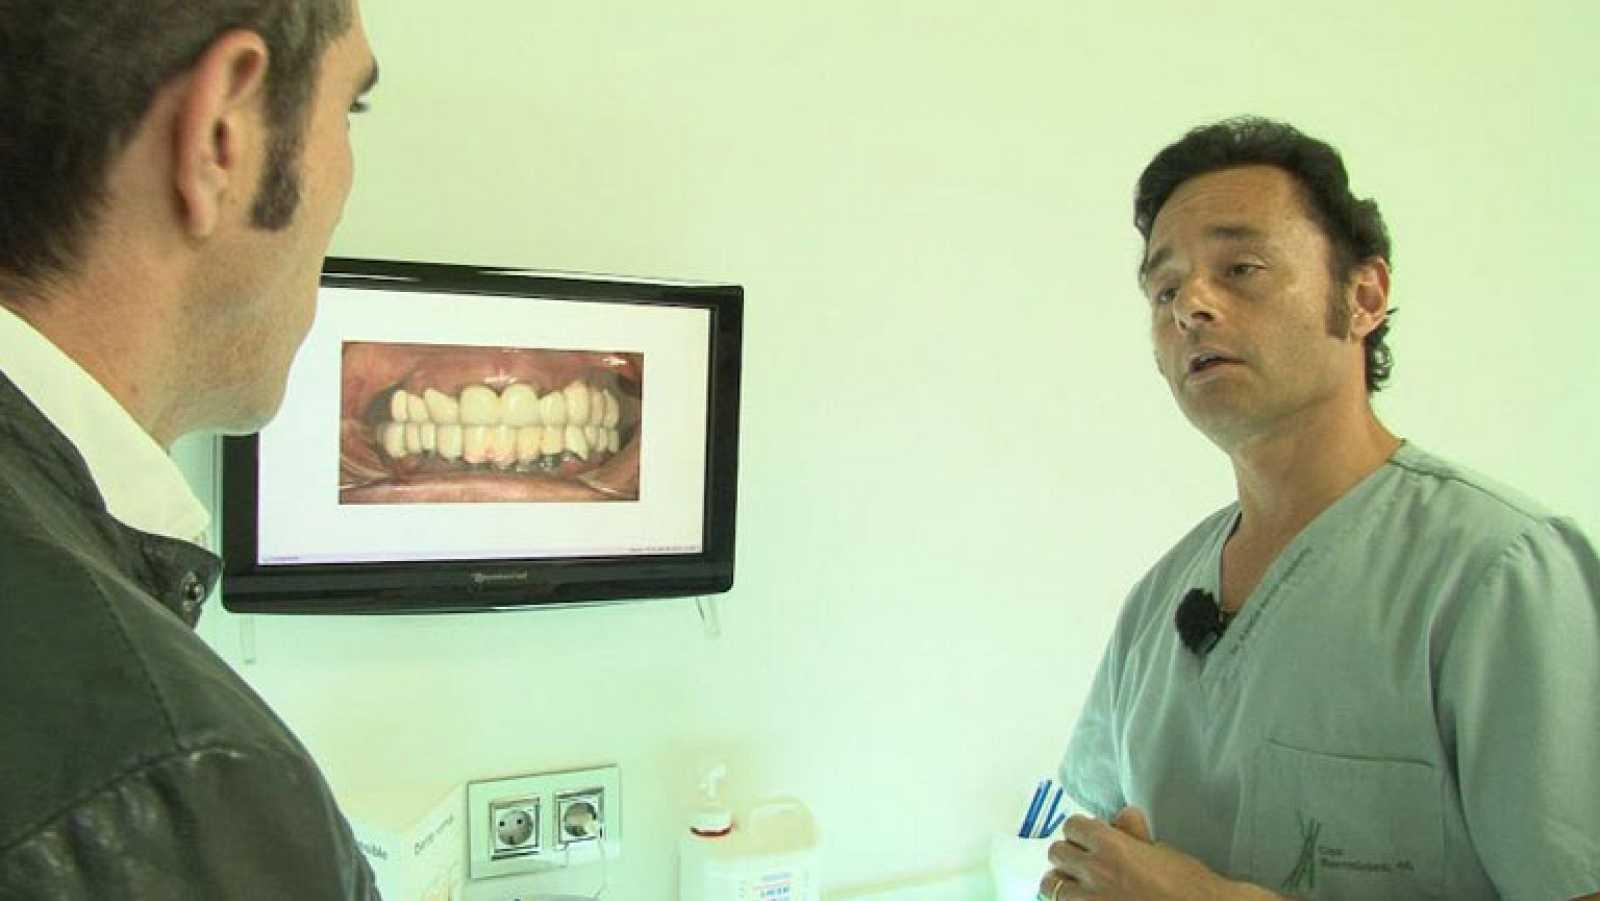 Comando actualidad - Competencia feroz - Implantes dentales